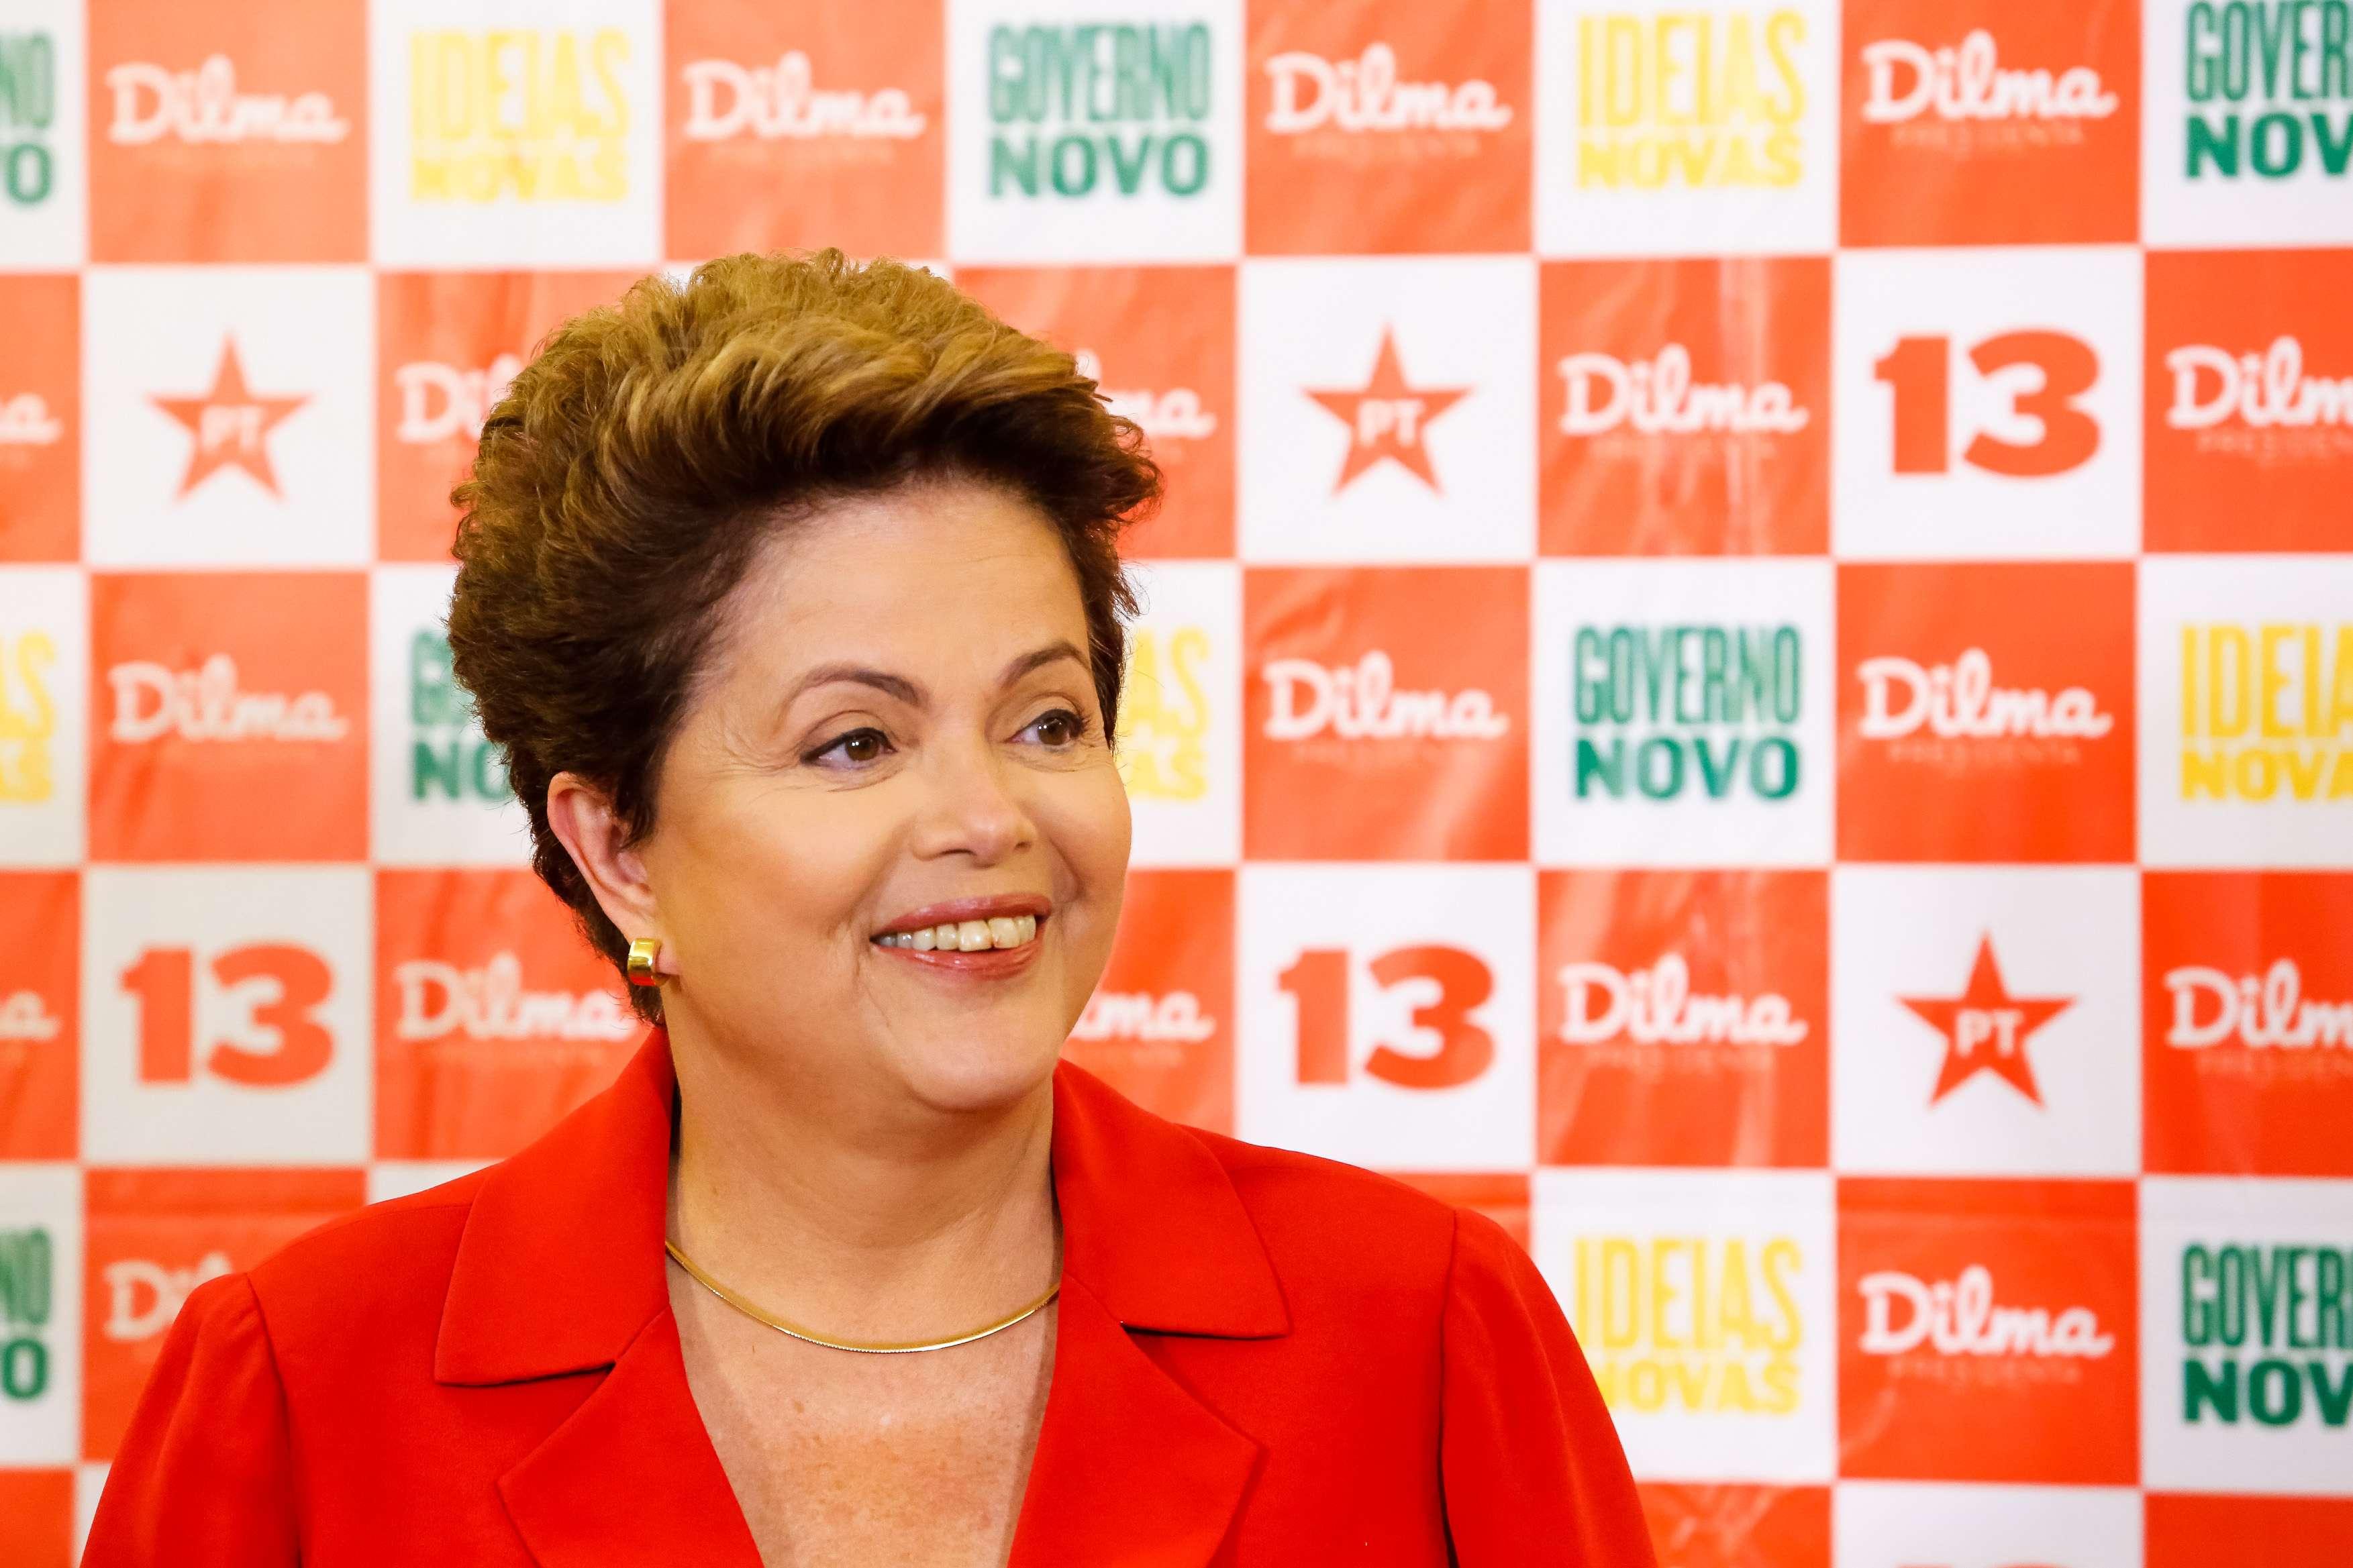 Foto: Ichiro Guerra/Divulgação